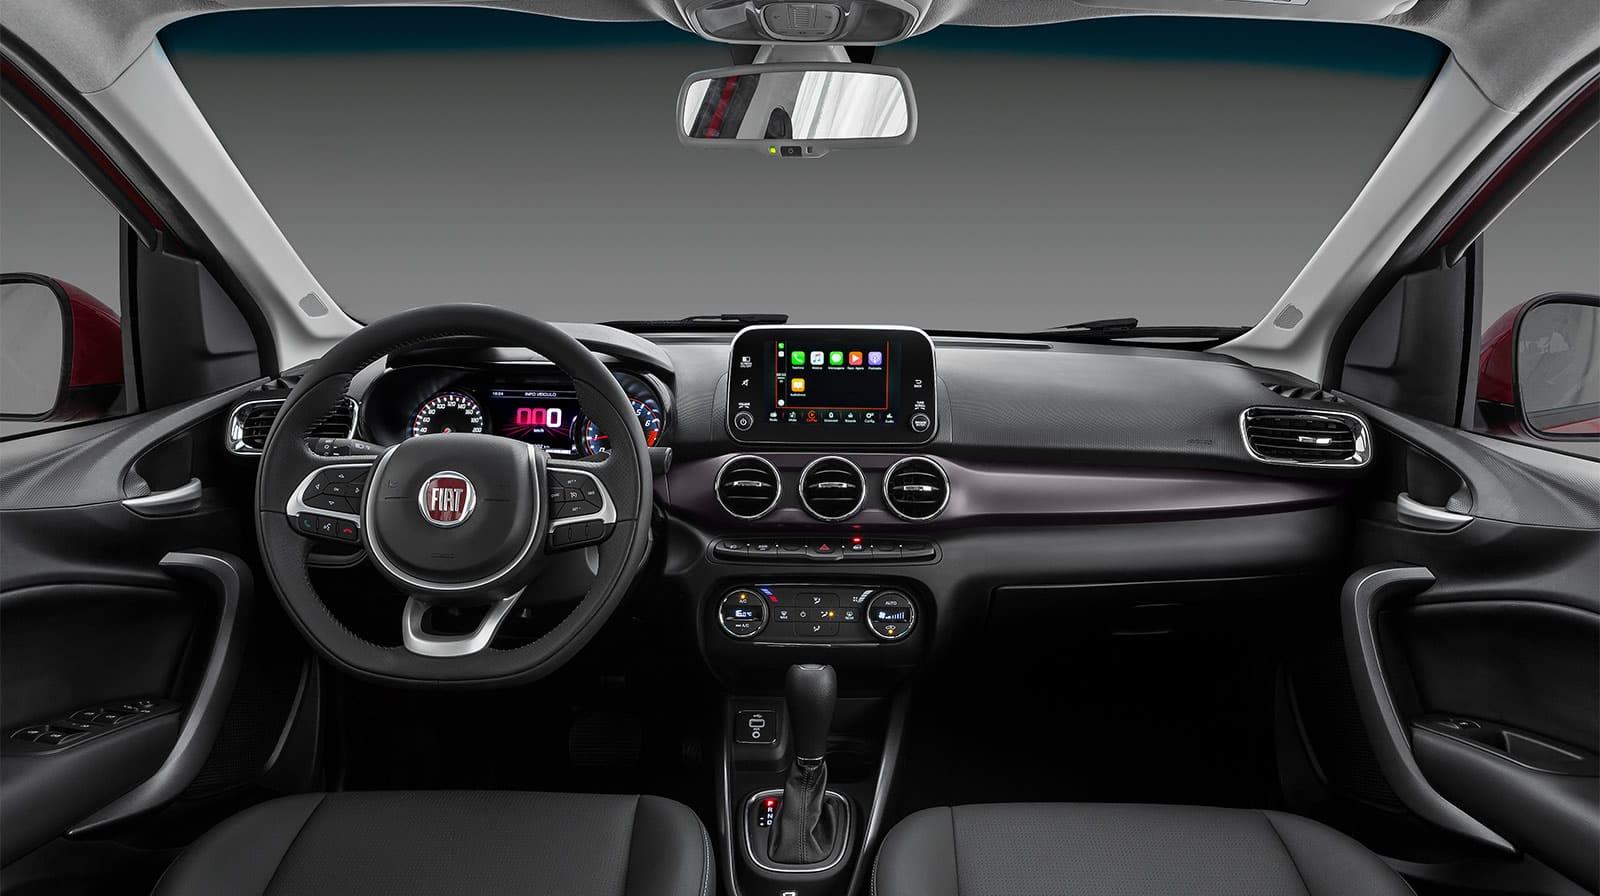 bg1 Cronos - Concessionária e Revenda Autorizada Fiat em Santa Catarina, SC | Carboni Fiat